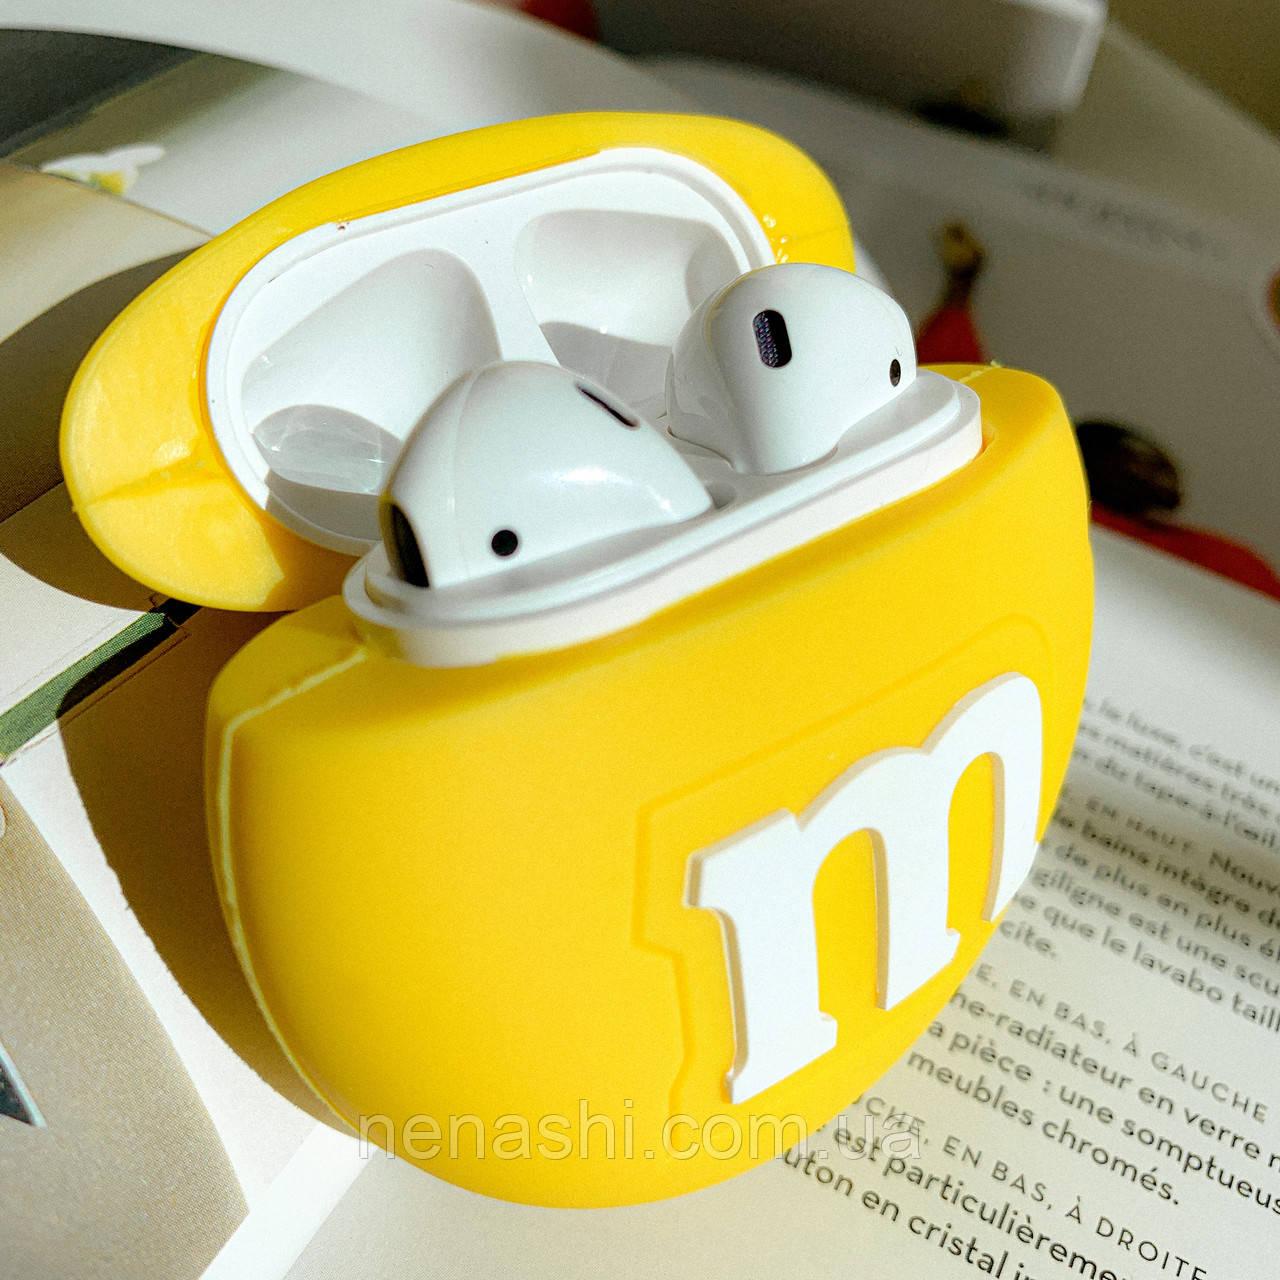 Чохол силіконовий для бездротових навушників Apple AirPods 2 M&m's, Жовтий